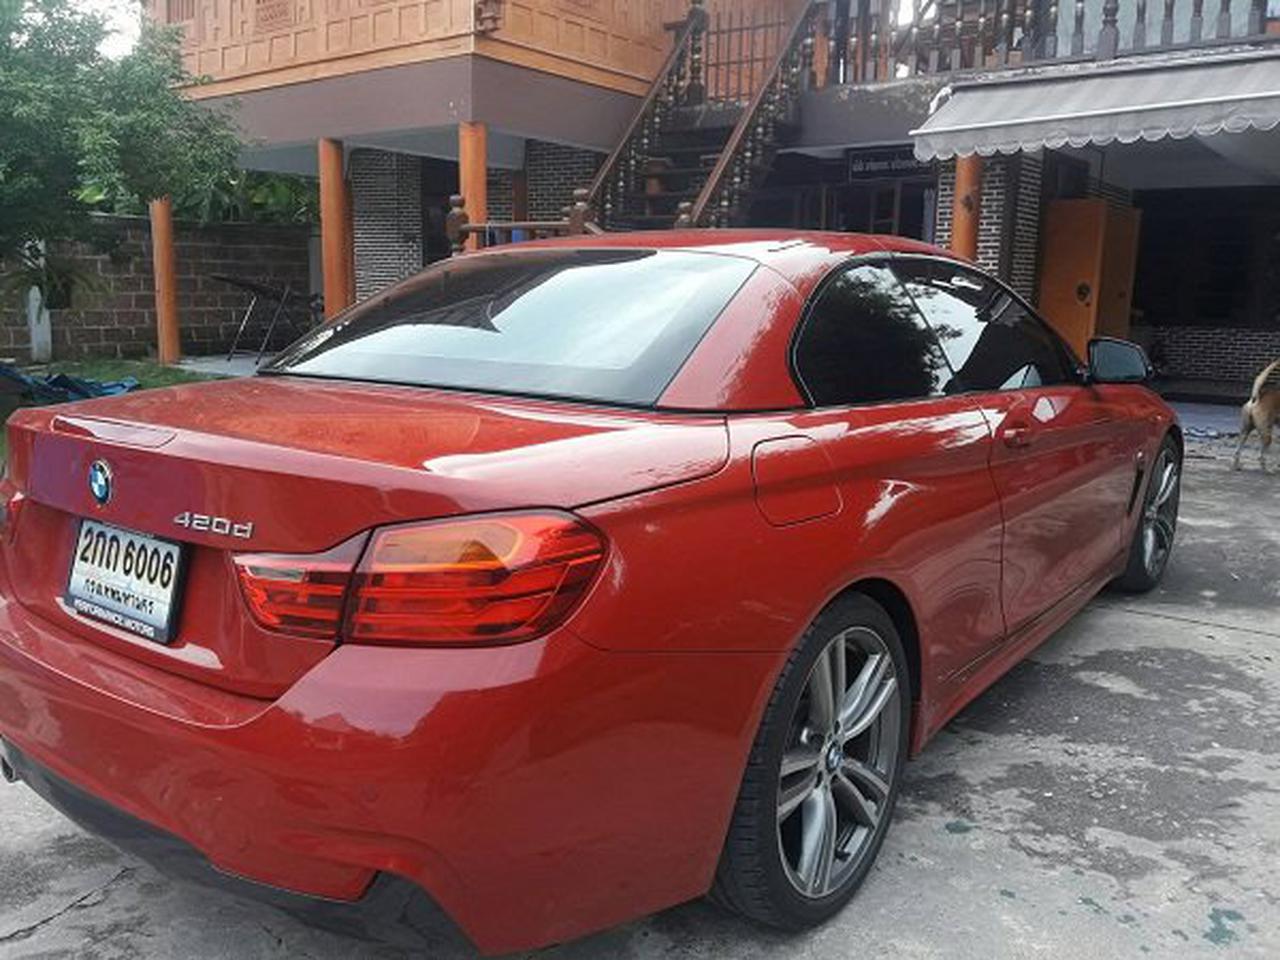 ขายรถเก๋ง BMW 420 D f32 เขตบางเขน กรุงเทพ ฯ 10230 รูปที่ 2